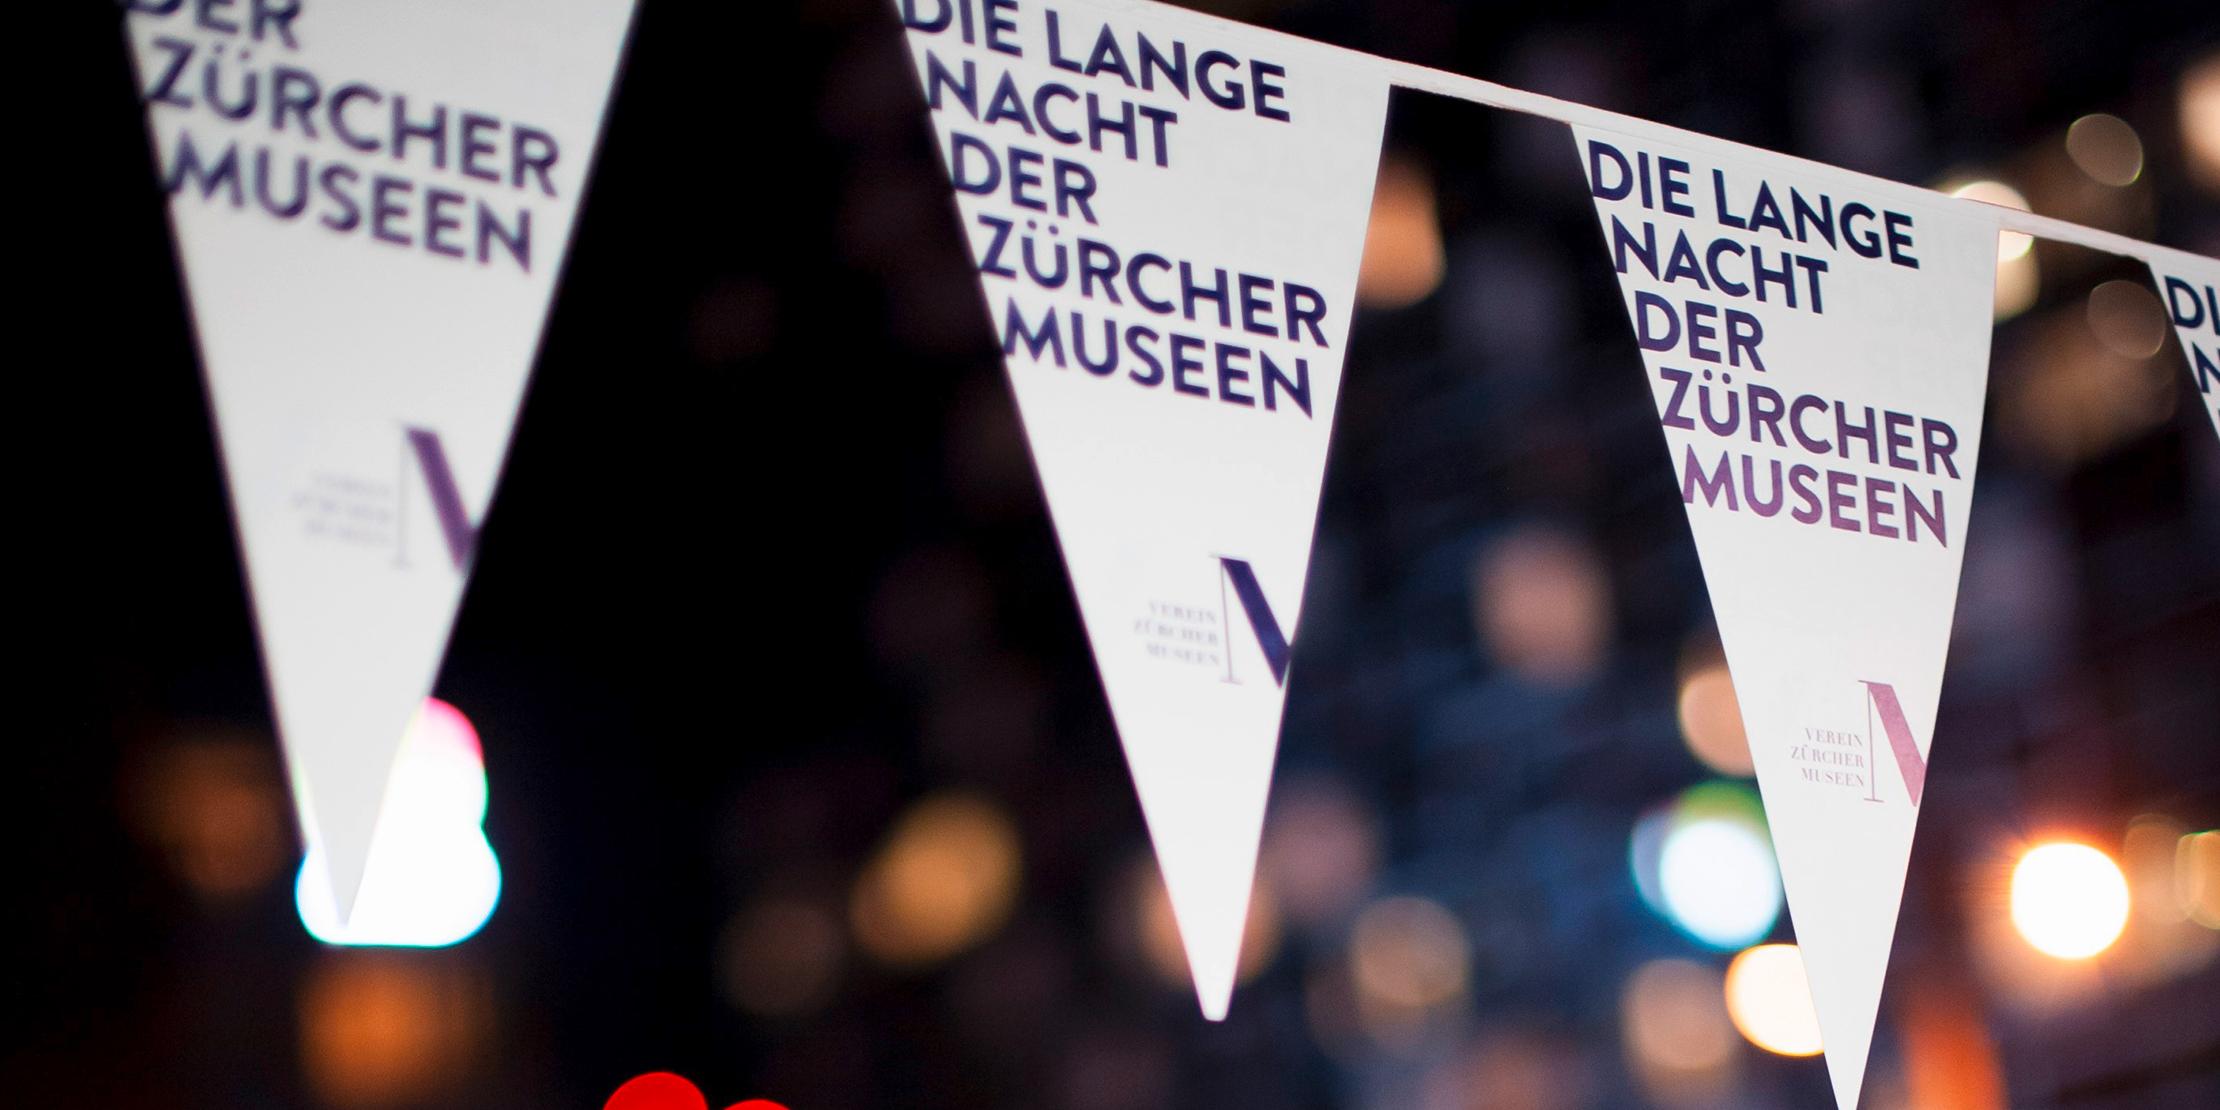 Lange Nacht der Zürcher Museen